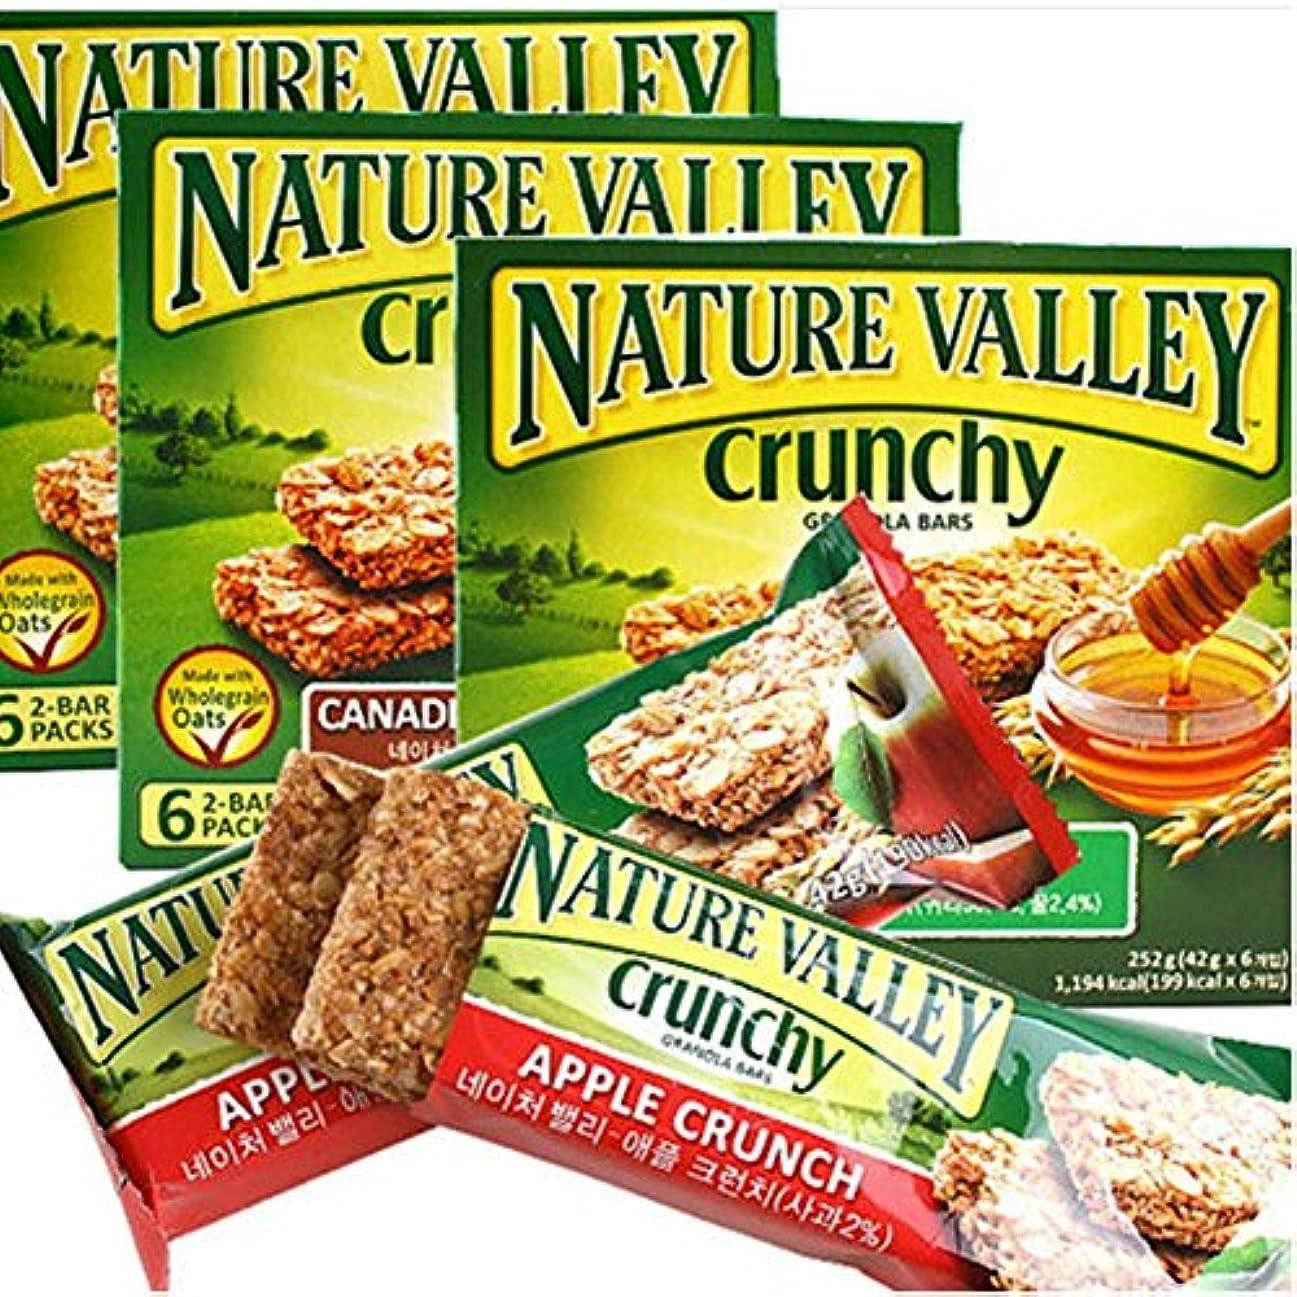 クレジット履歴書ファシズム[ネイチャーバレー/Nature Valley] APPLE CRUNCH SYRUP/ネイチャーバレークランチグラノーラバー42g5パックx3 Box - アップルクランチシロップ(合計15袋)穀物バー/シリアル/栄養...